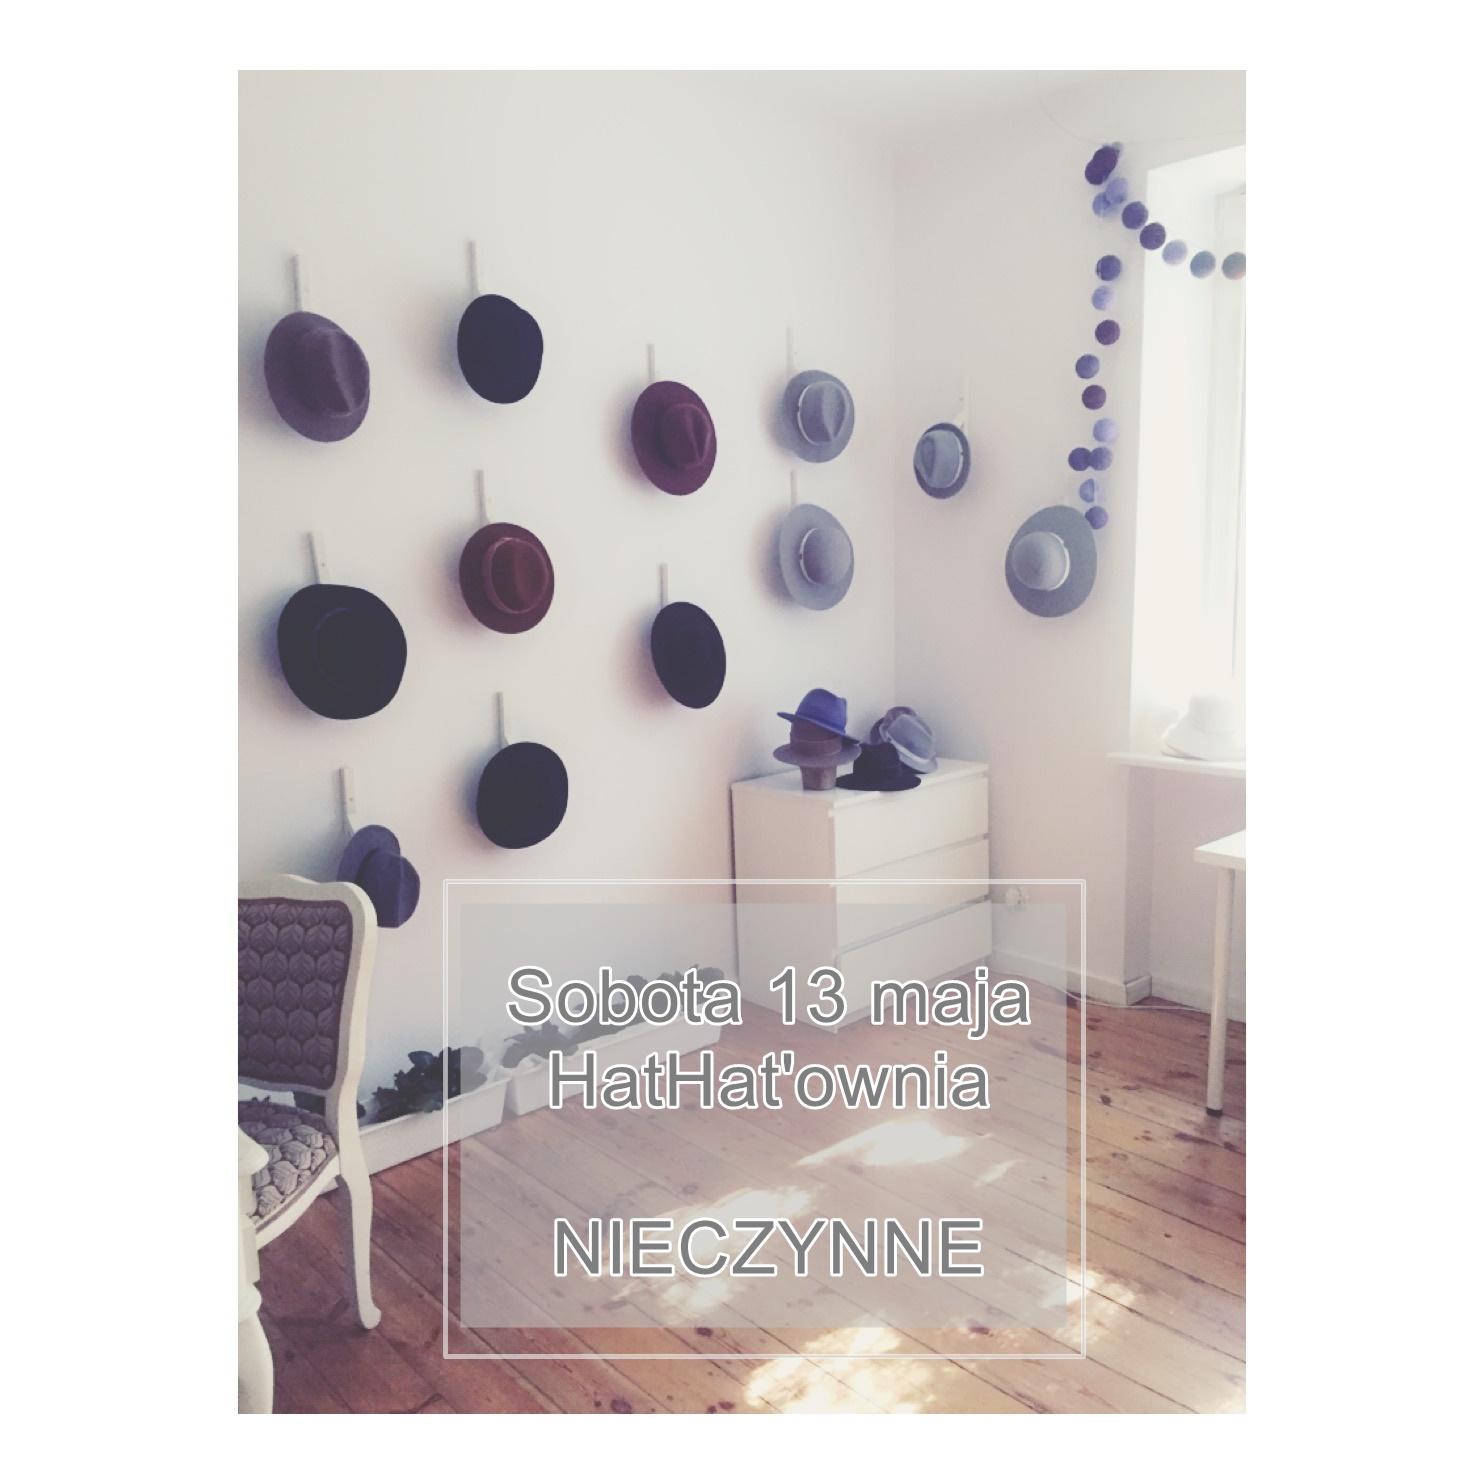 kapelusze wiszące na ścianie w warszawskim atelier